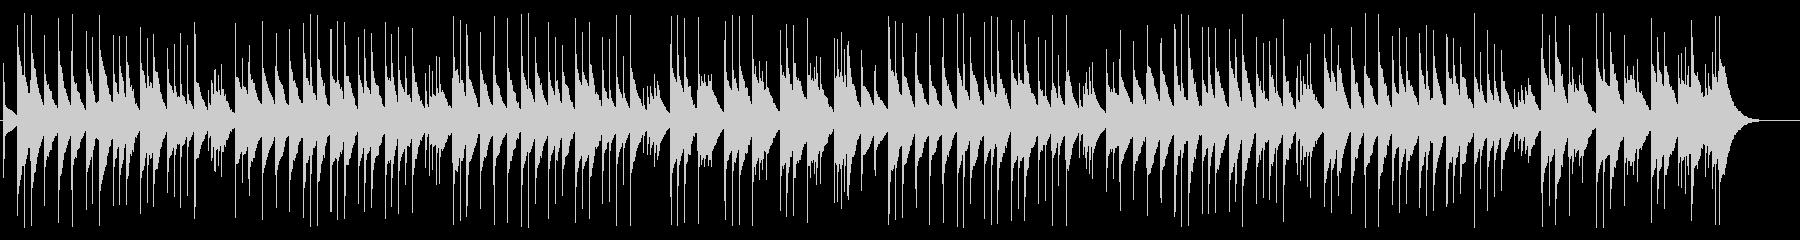 金平糖の精の踊り(オルゴールver)の未再生の波形